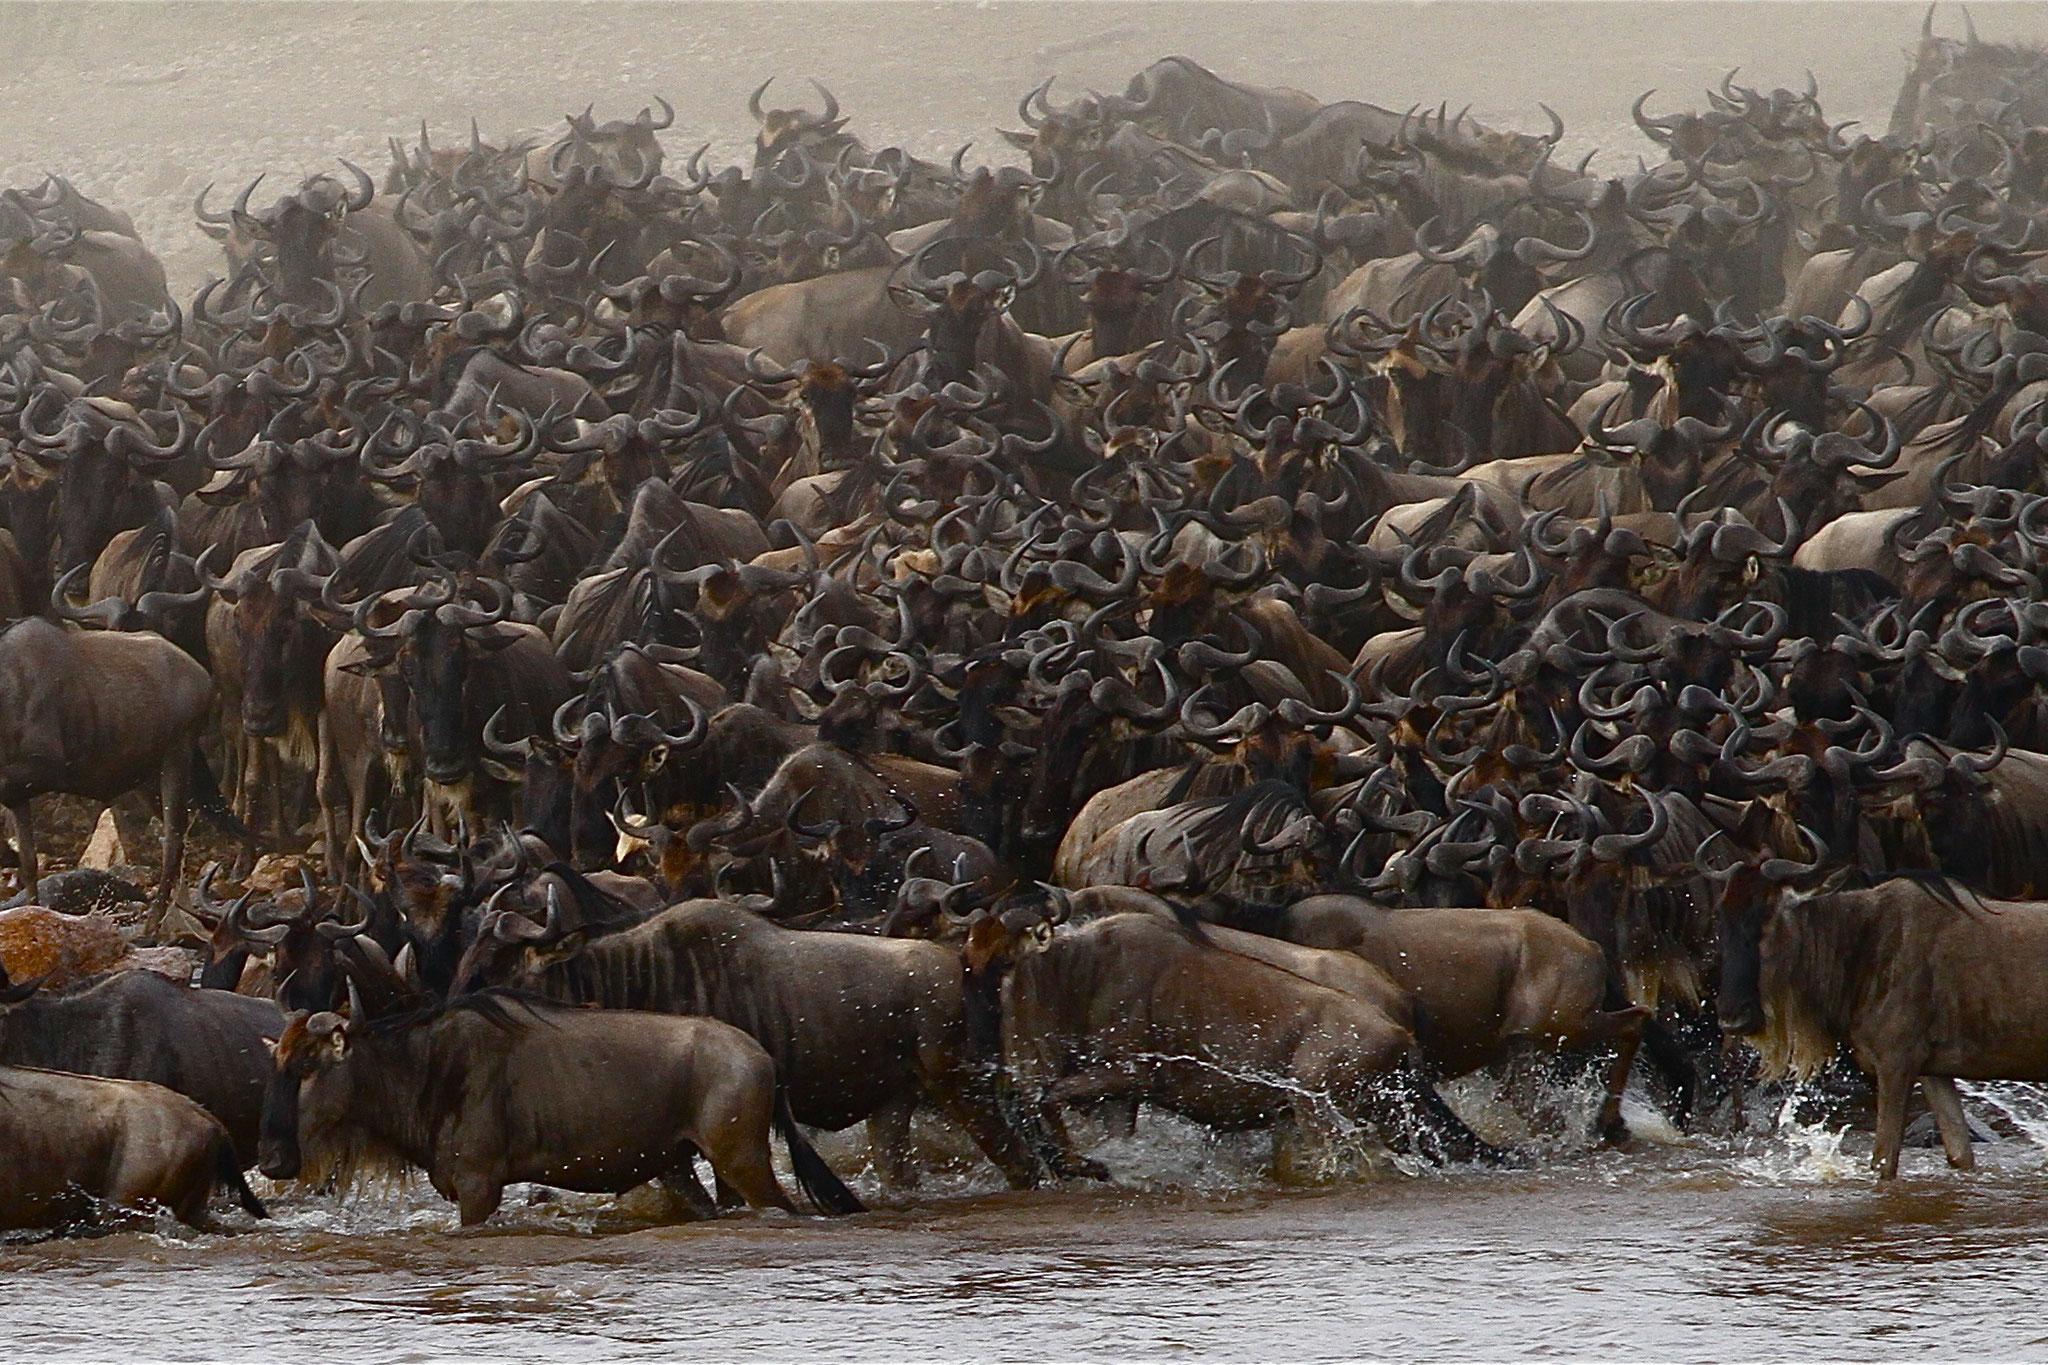 Mara River an der Grenze zwischen Kenia und Tansania